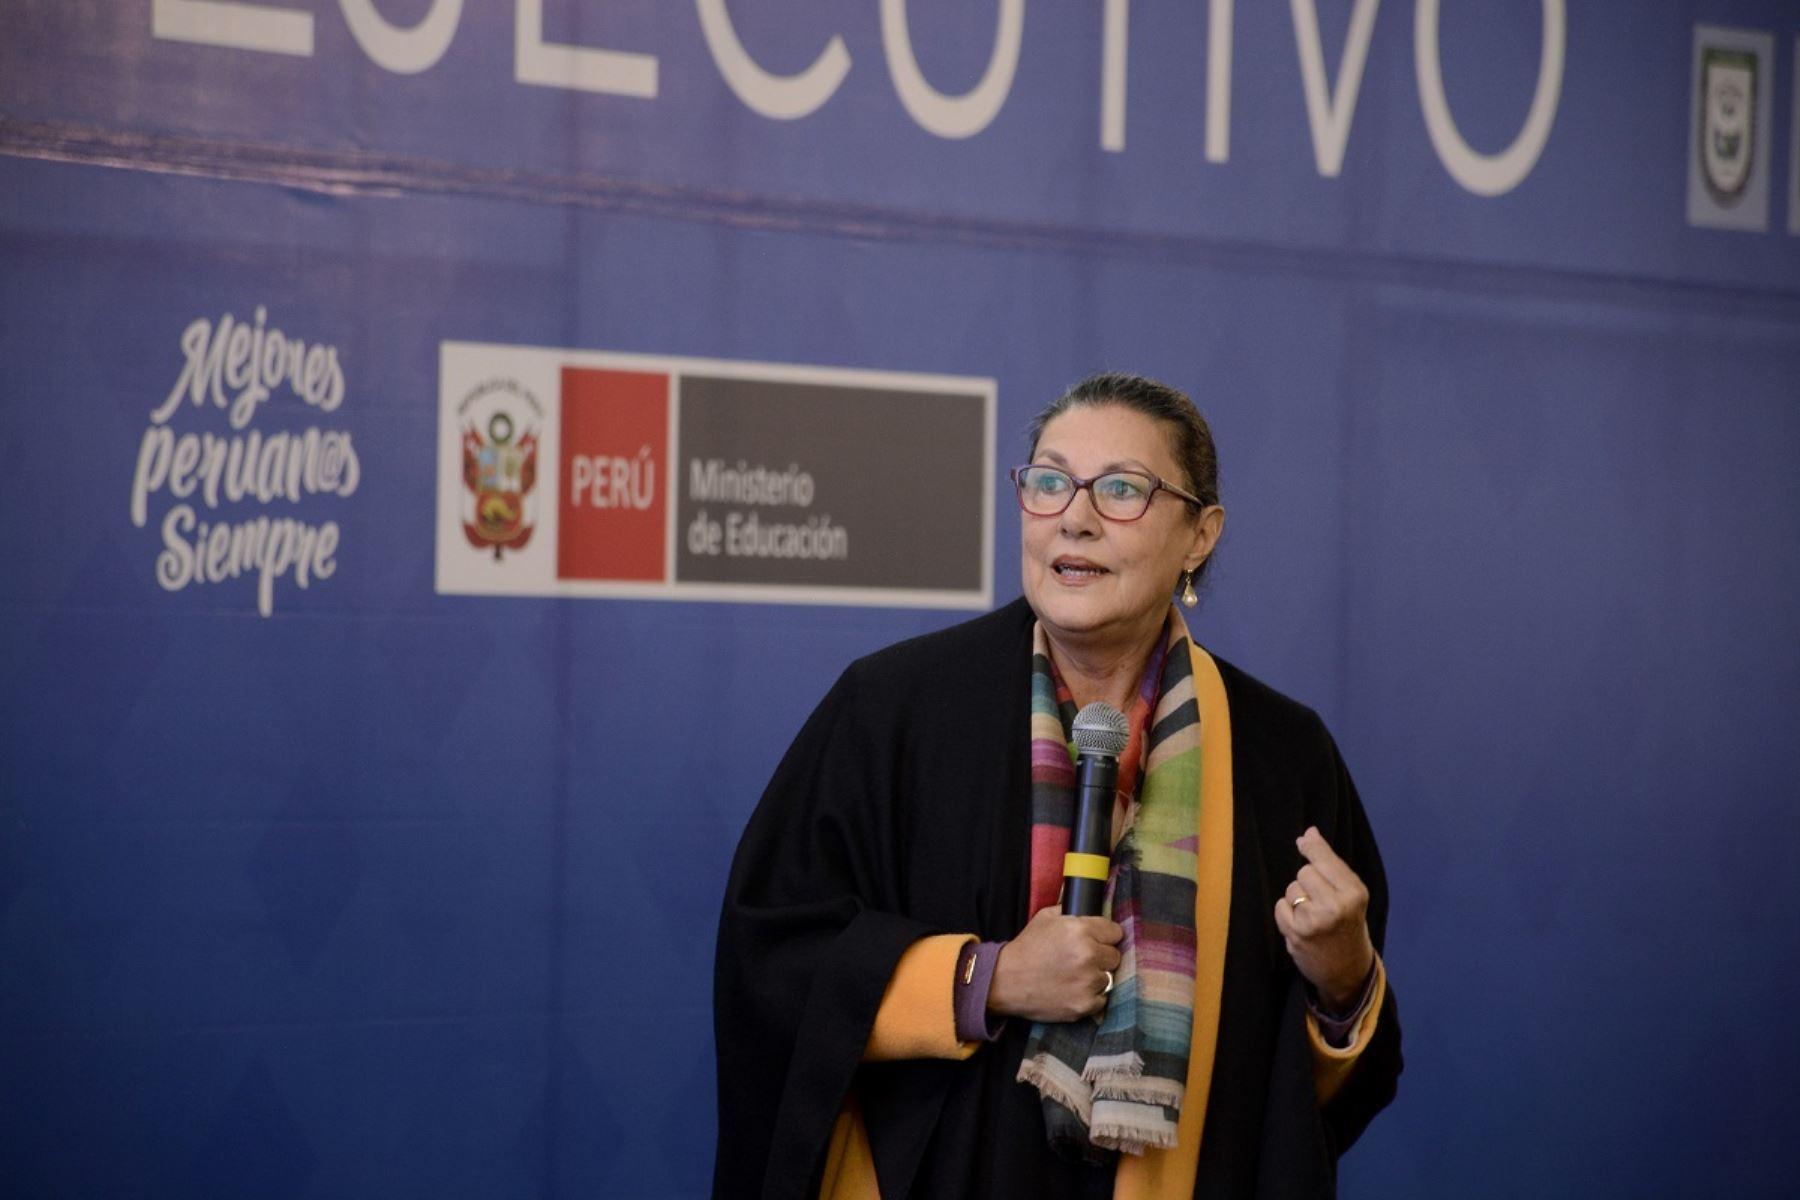 Titular del Concytec, Fabiola León-Velarde. Foto: Cortesía.